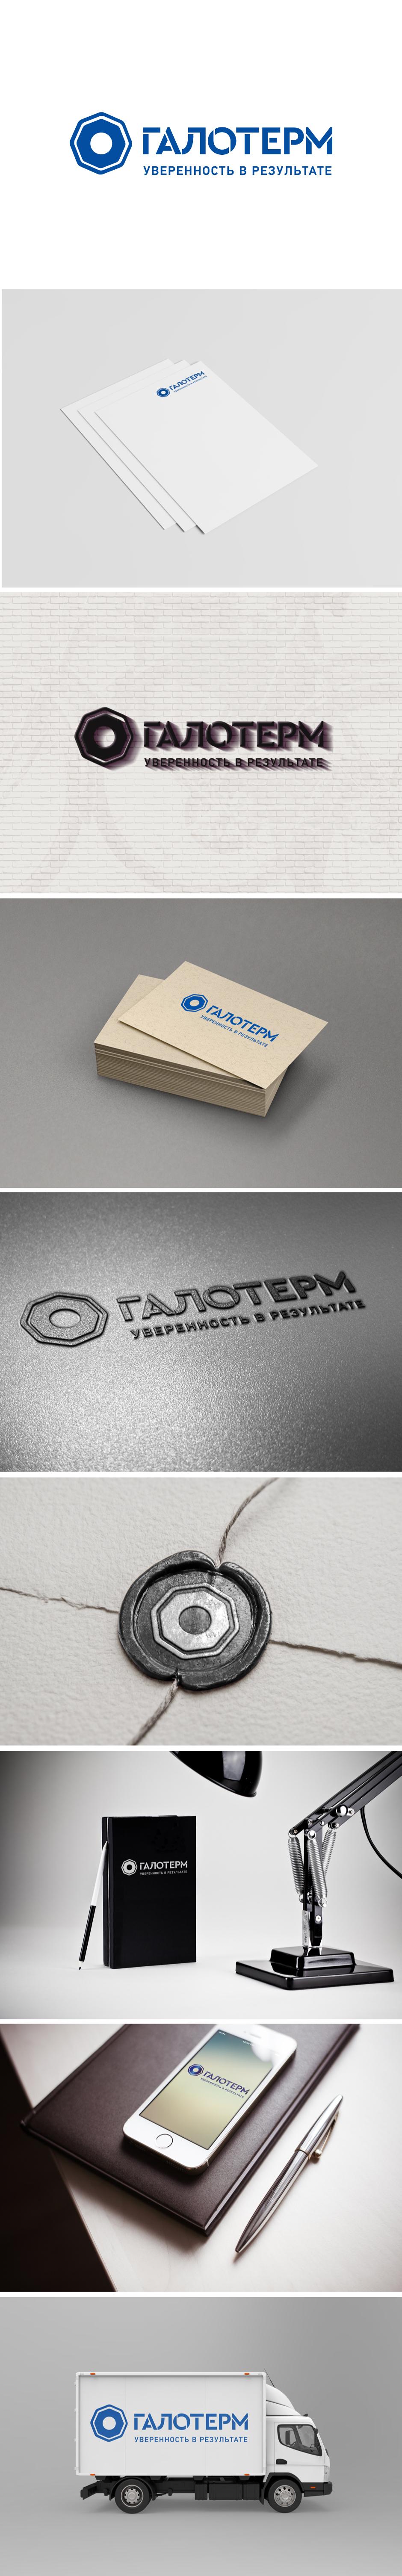 Разработка логотипа для производителя муфельных печей